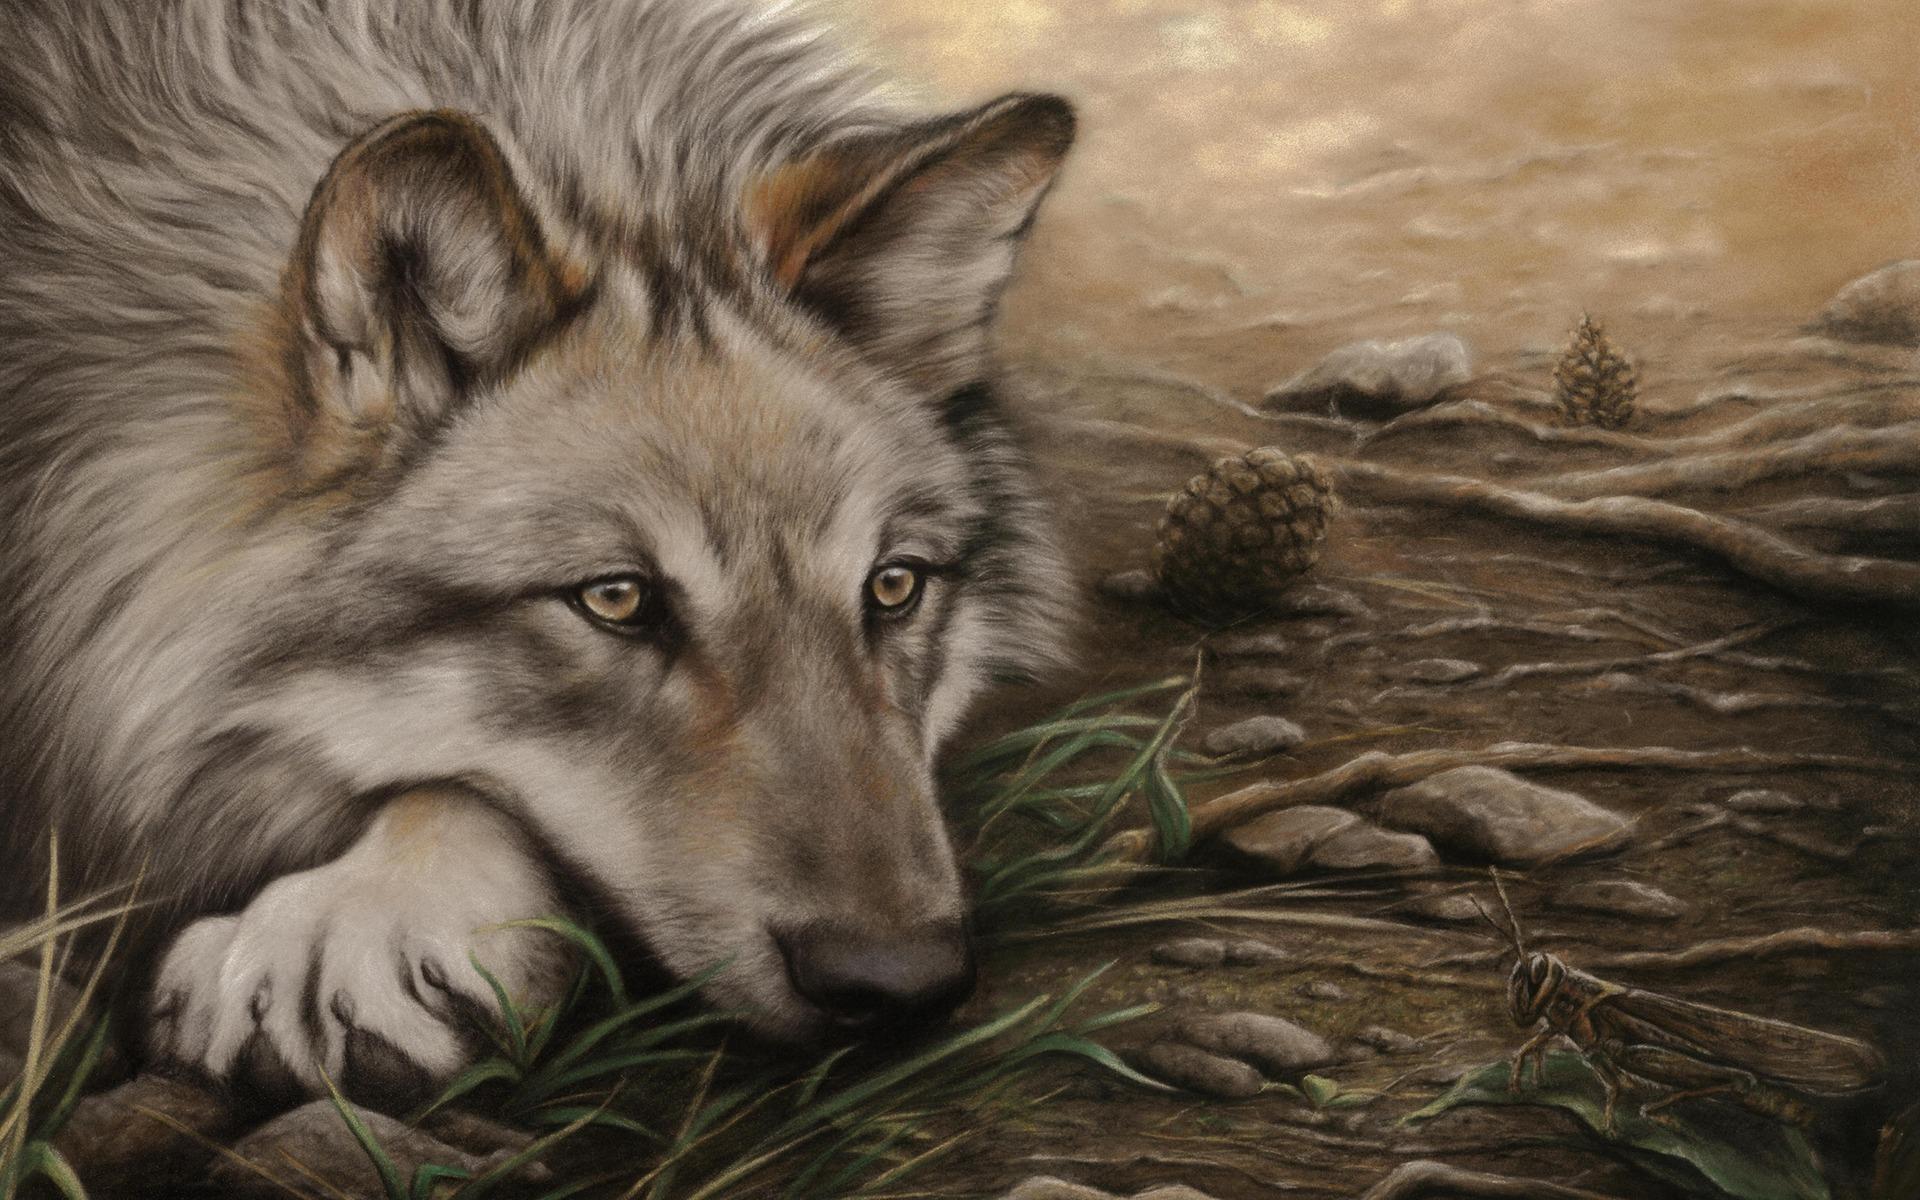 обои на рабочий стол волки нарисованная № 649050 загрузить